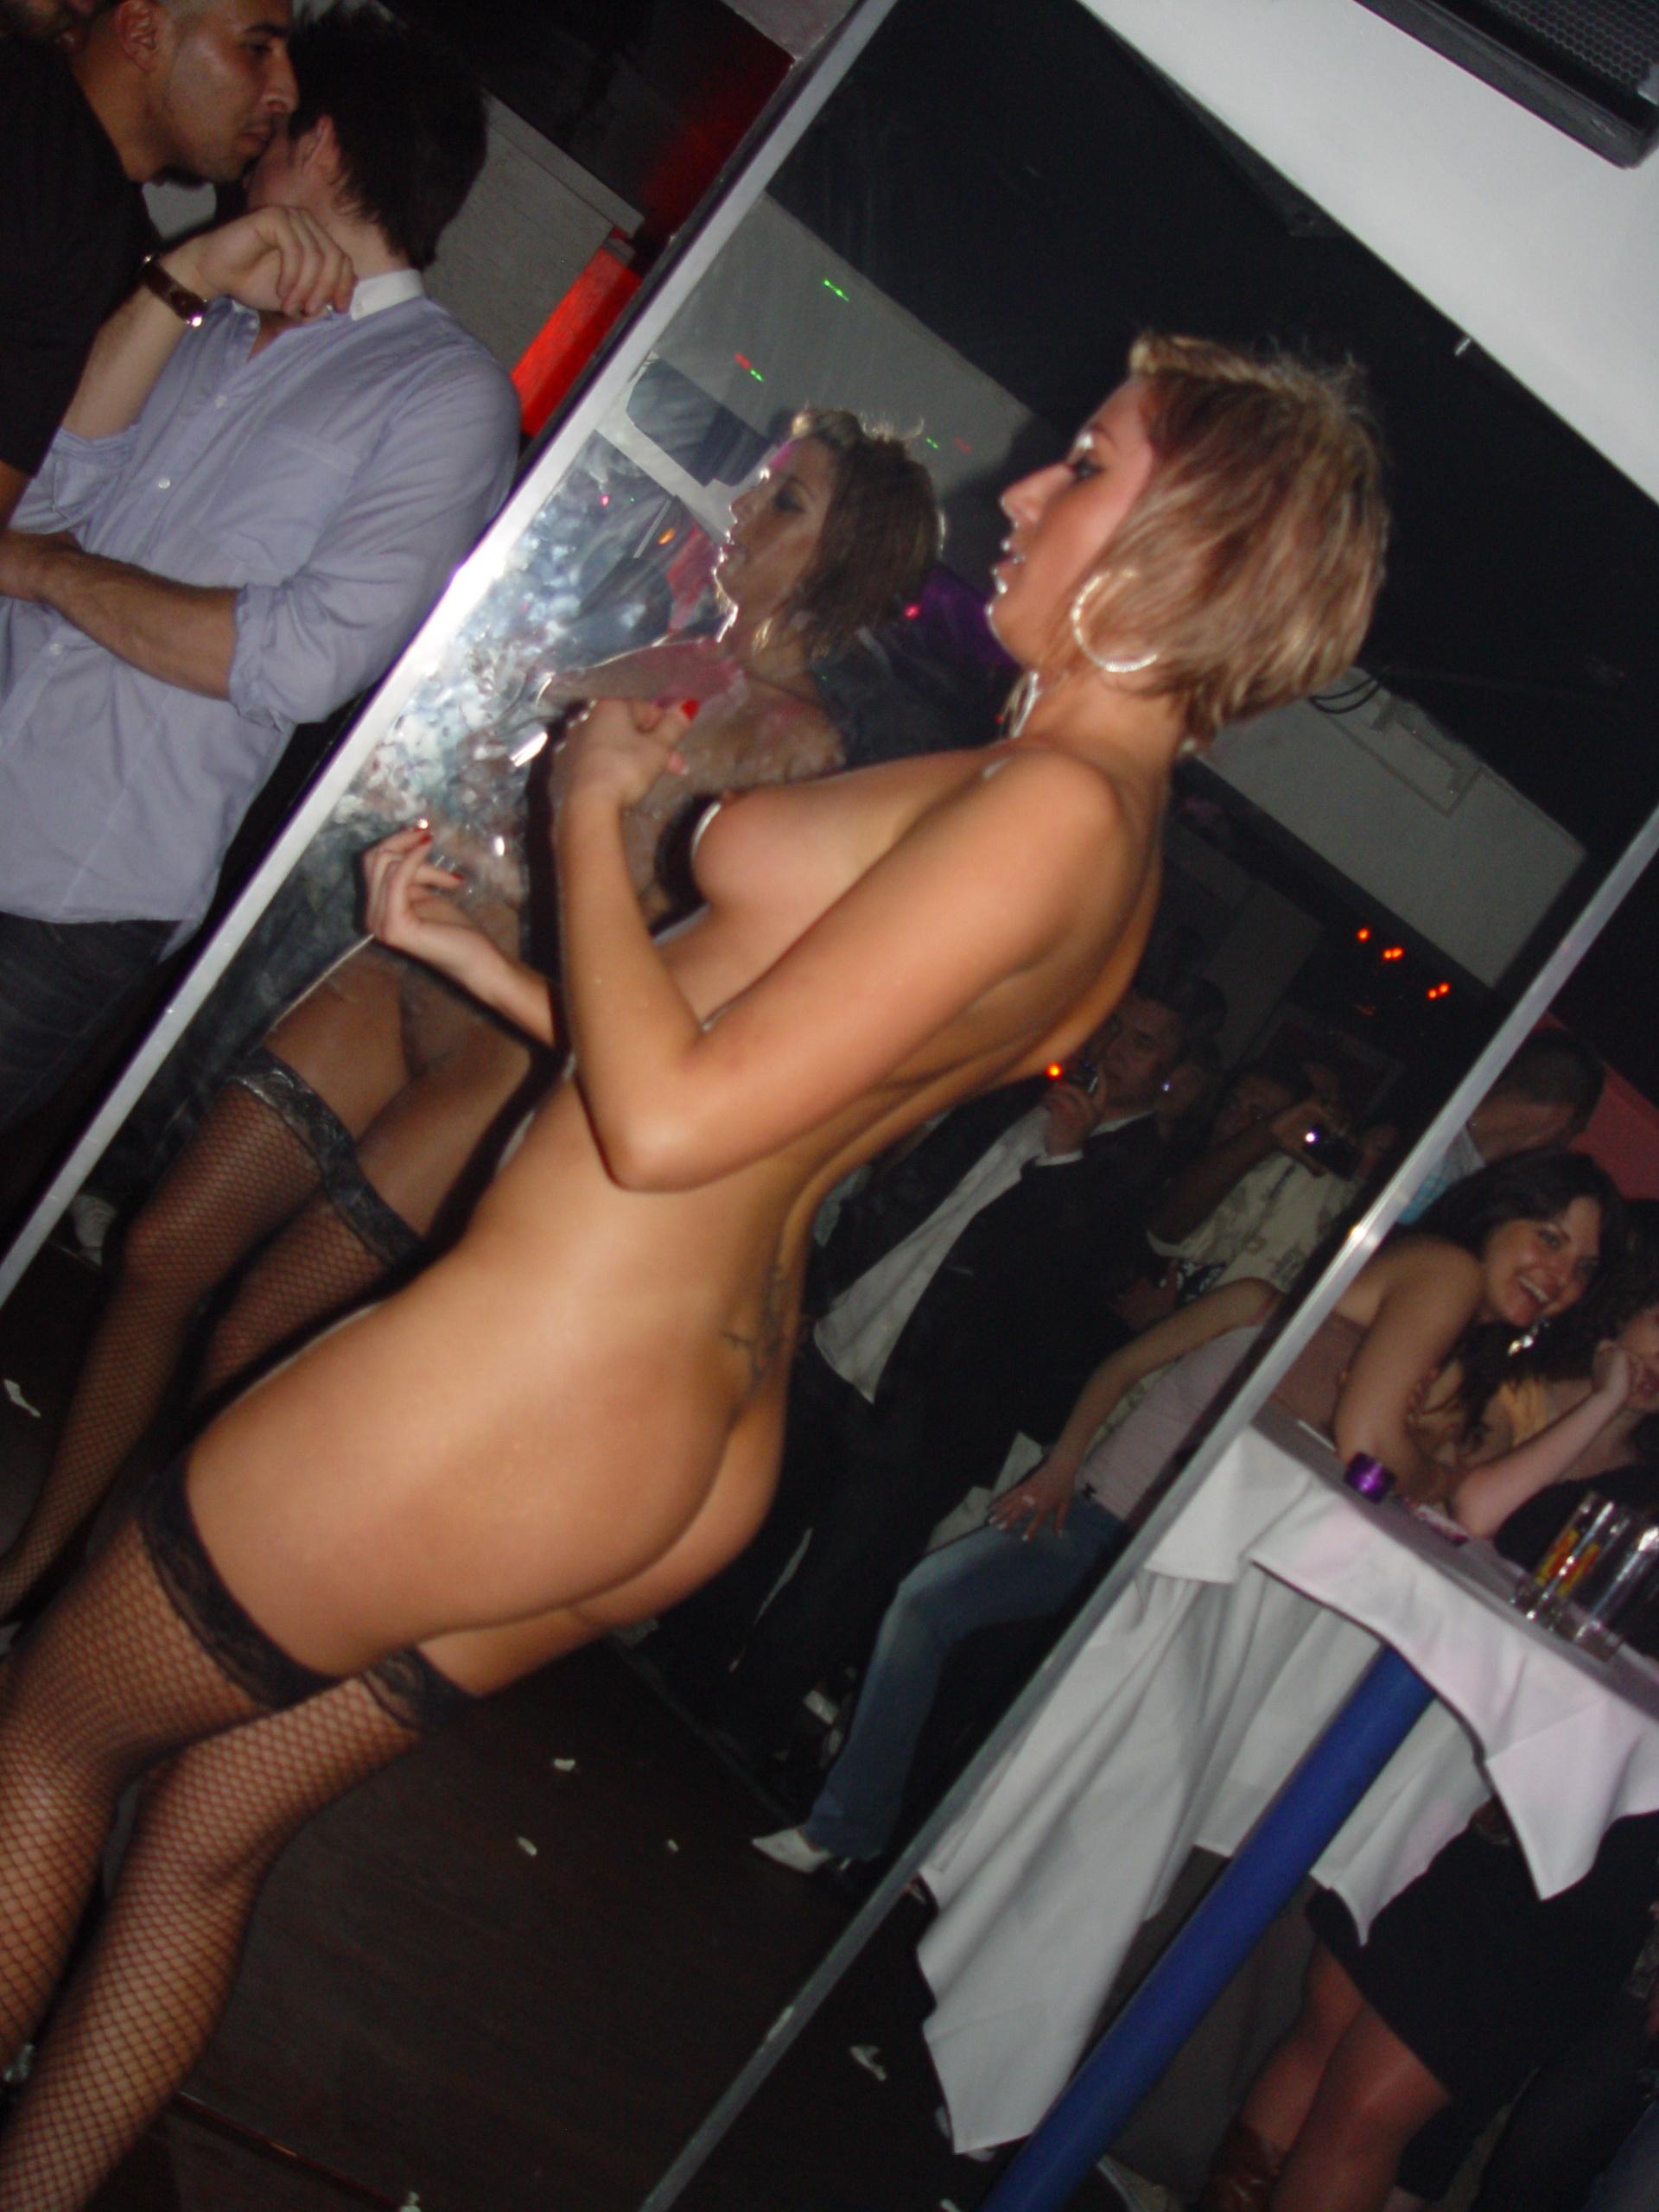 Стриптизерши в клубе фото 3 фотография